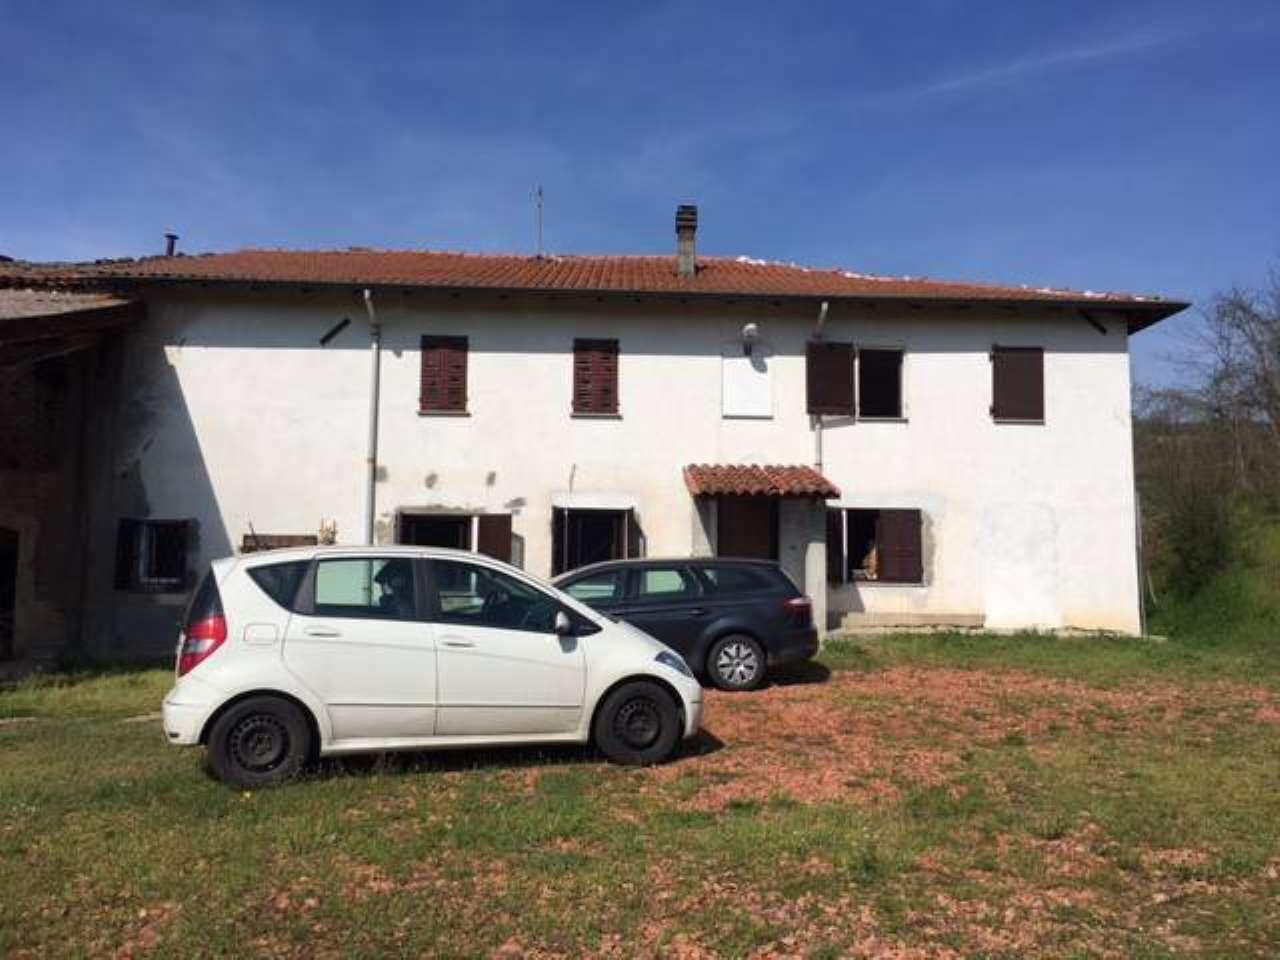 Soluzione Indipendente in vendita a Alessandria, 3 locali, prezzo € 125.000 | CambioCasa.it